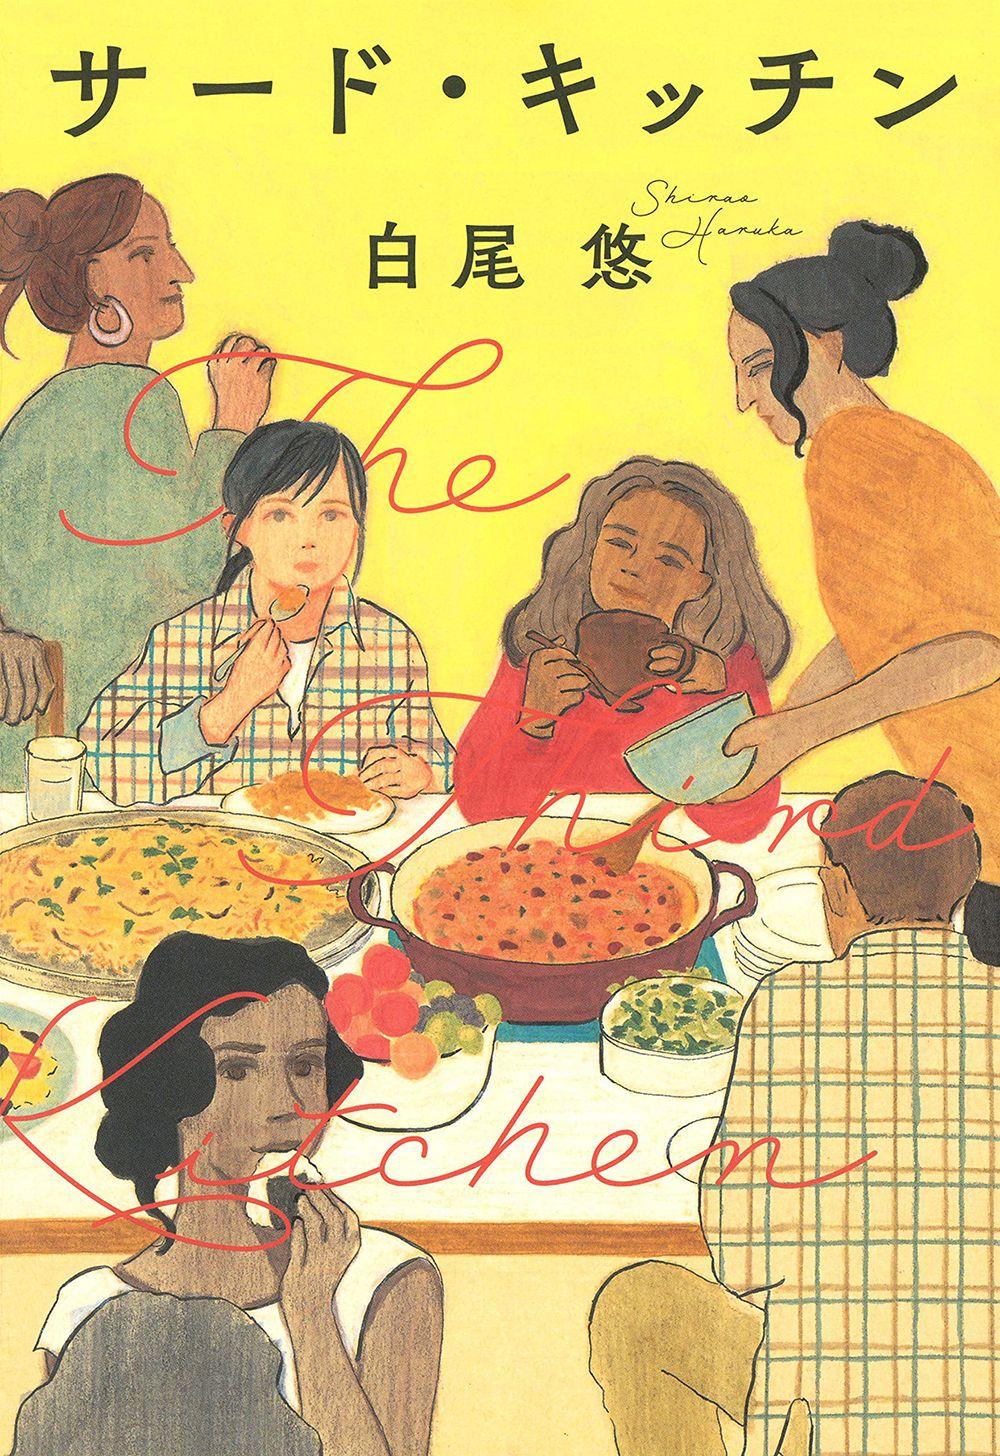 【書評】留学先で足を踏み入れた食堂で差別、偏見、多様な価値観に触れる『サード・キッチン』著◎白尾 悠